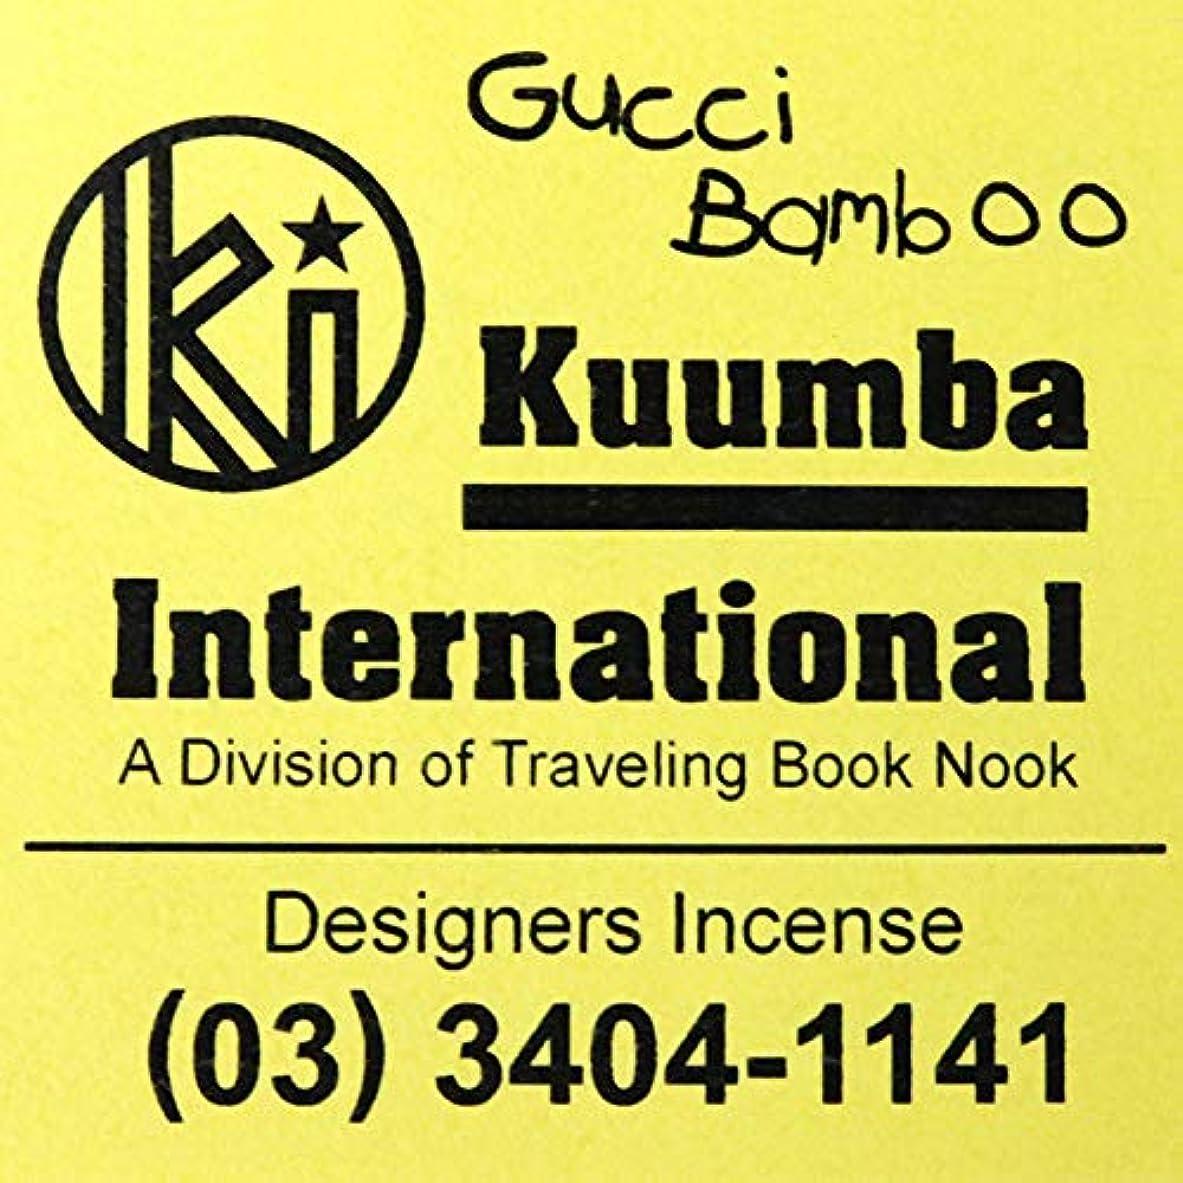 ブリーフケース何故なの陰謀KUUMBA (クンバ)『incense』(GUCCI BAMBOO) (GUCCI BAMBOO, Regular size)